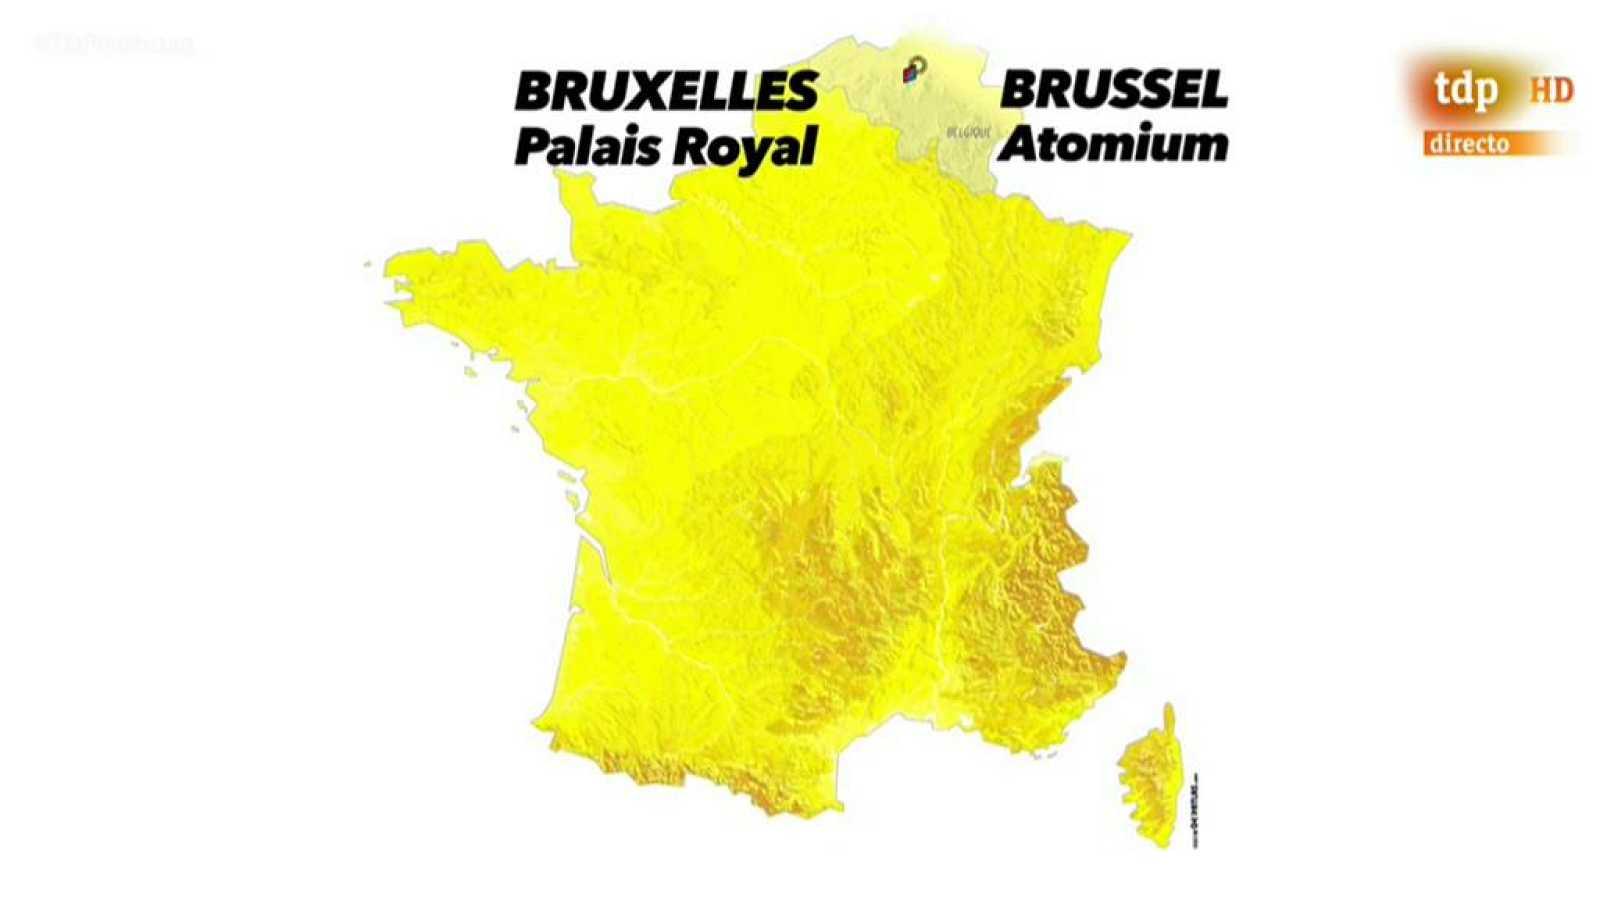 El Tour sigue en Bruselas para la disputa de la segunda etapa, una contrarreloj por equipos de 27,5 kilómetros con salida junto al Palacio Real y meta en el Atomiun, símbolo de la ciudad, a escasos metros del Estadio de Heysel. Una jornada propicia p